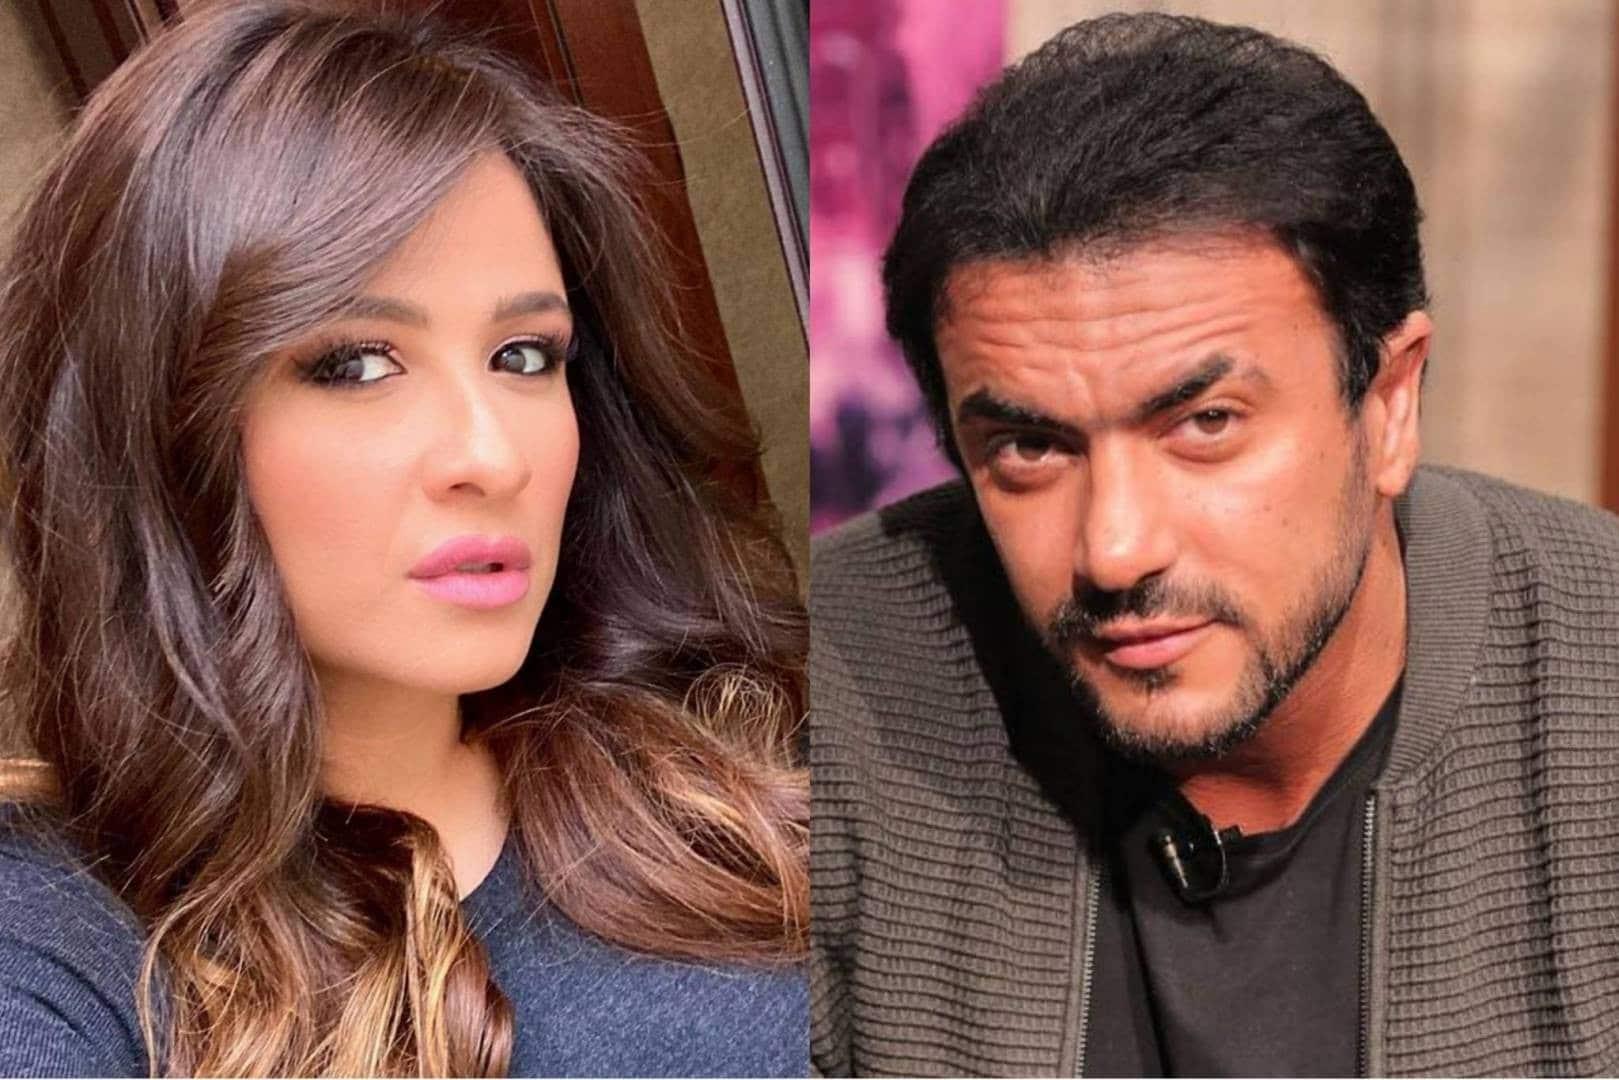 شاهد ياسمين عبدالعزيز في أحضان أحمد العوضي وهما مصابان بكورونا!